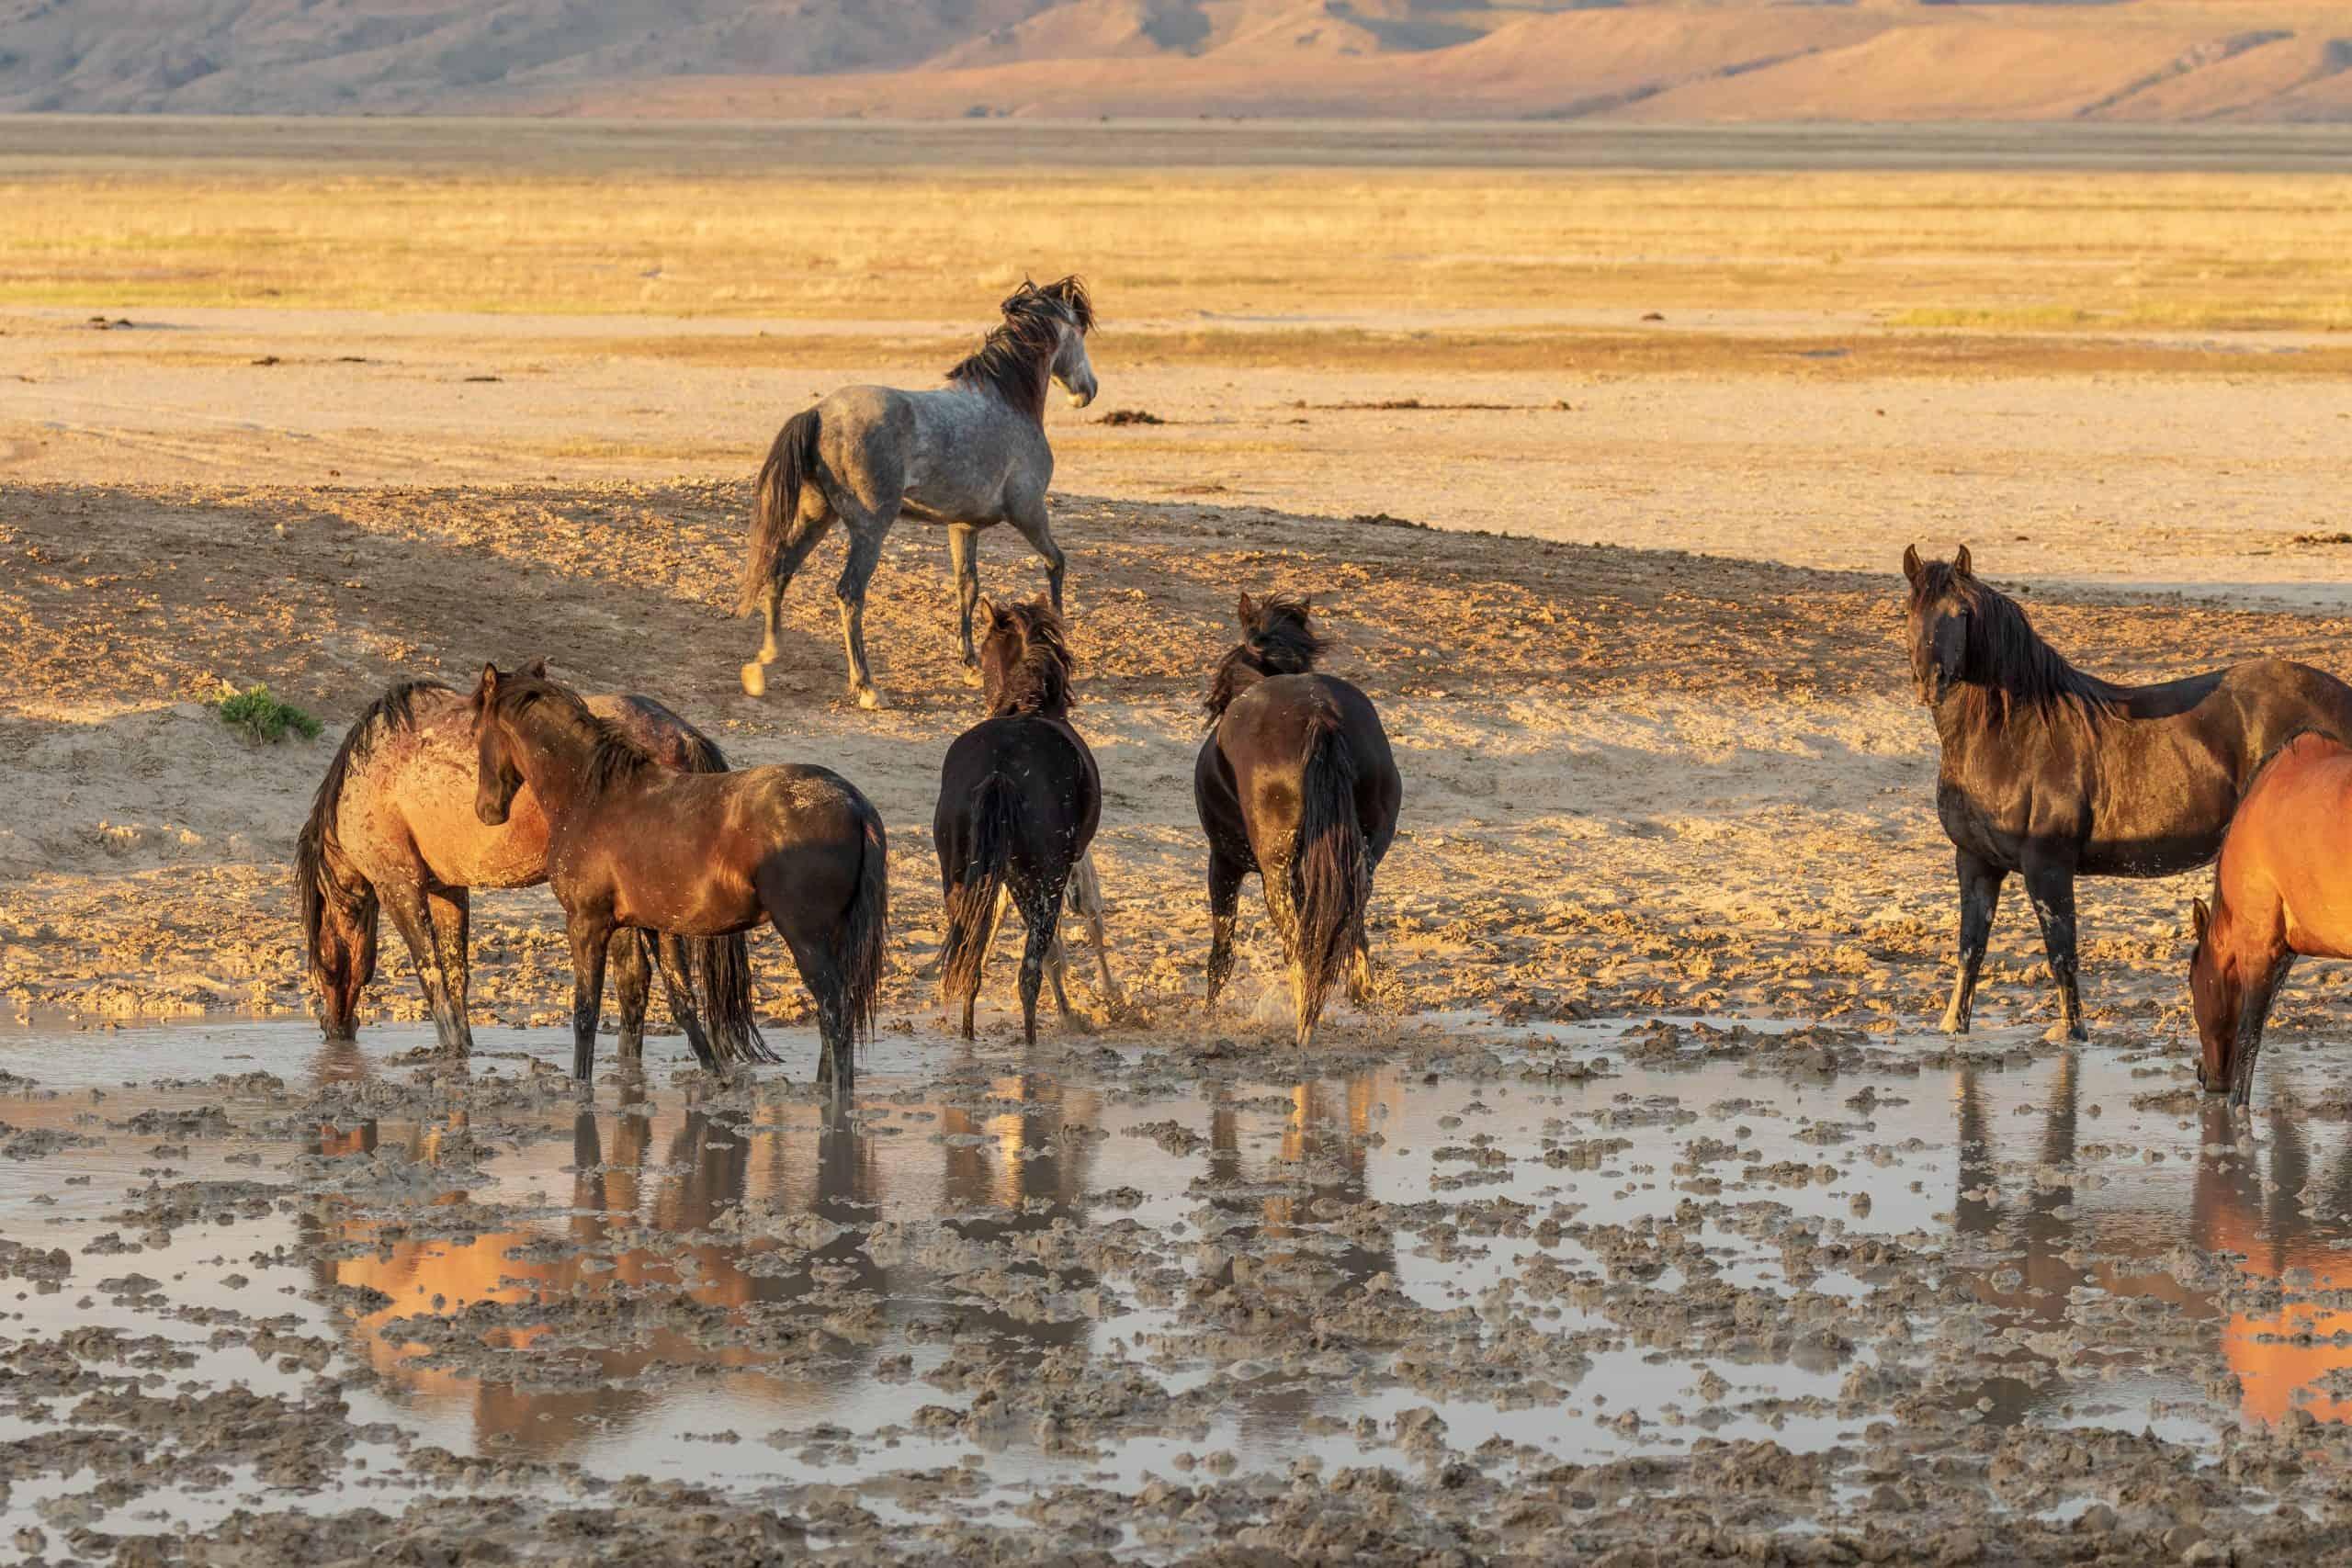 a herd of wild horses at a waterhole in the Utah desert